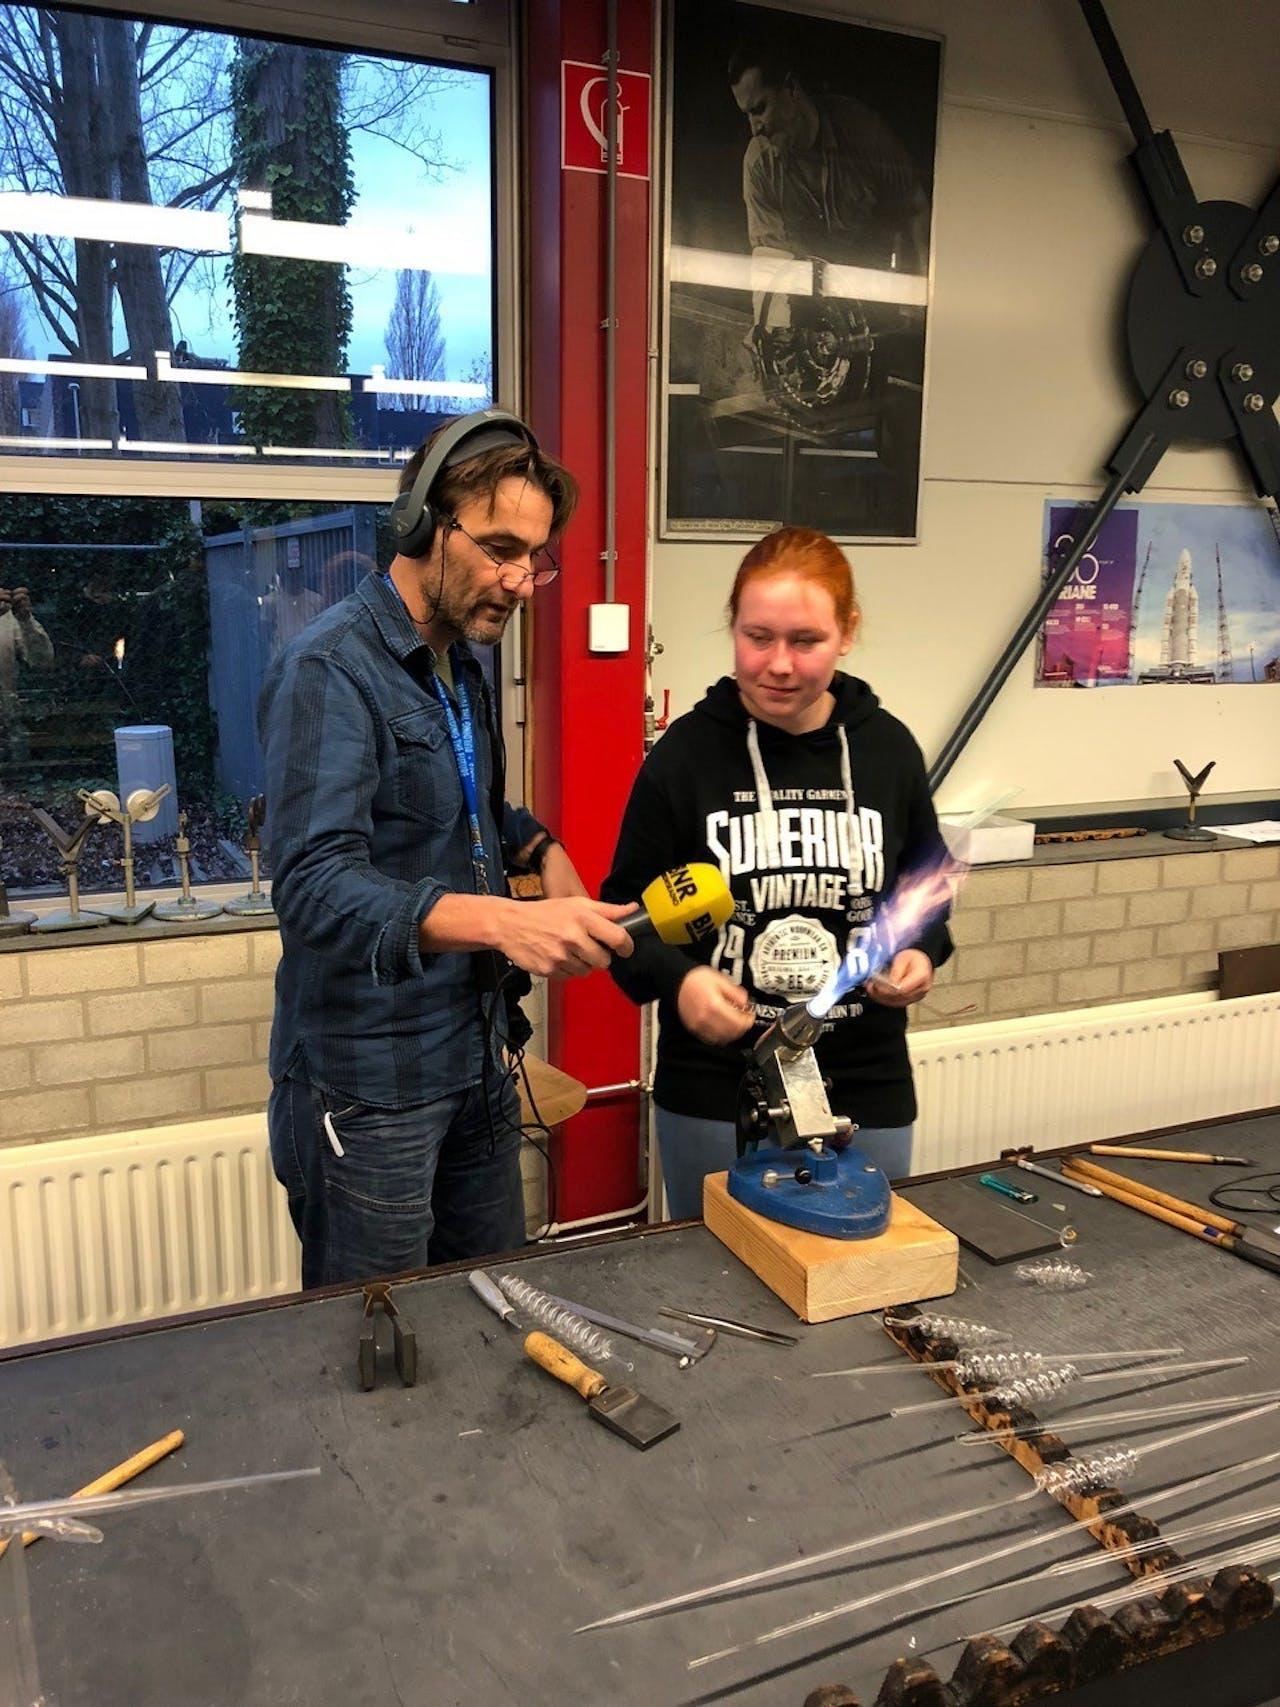 Verslaggever Martijn de Rijk met een scholier van de Leidse instrumentmakers School (LiS)